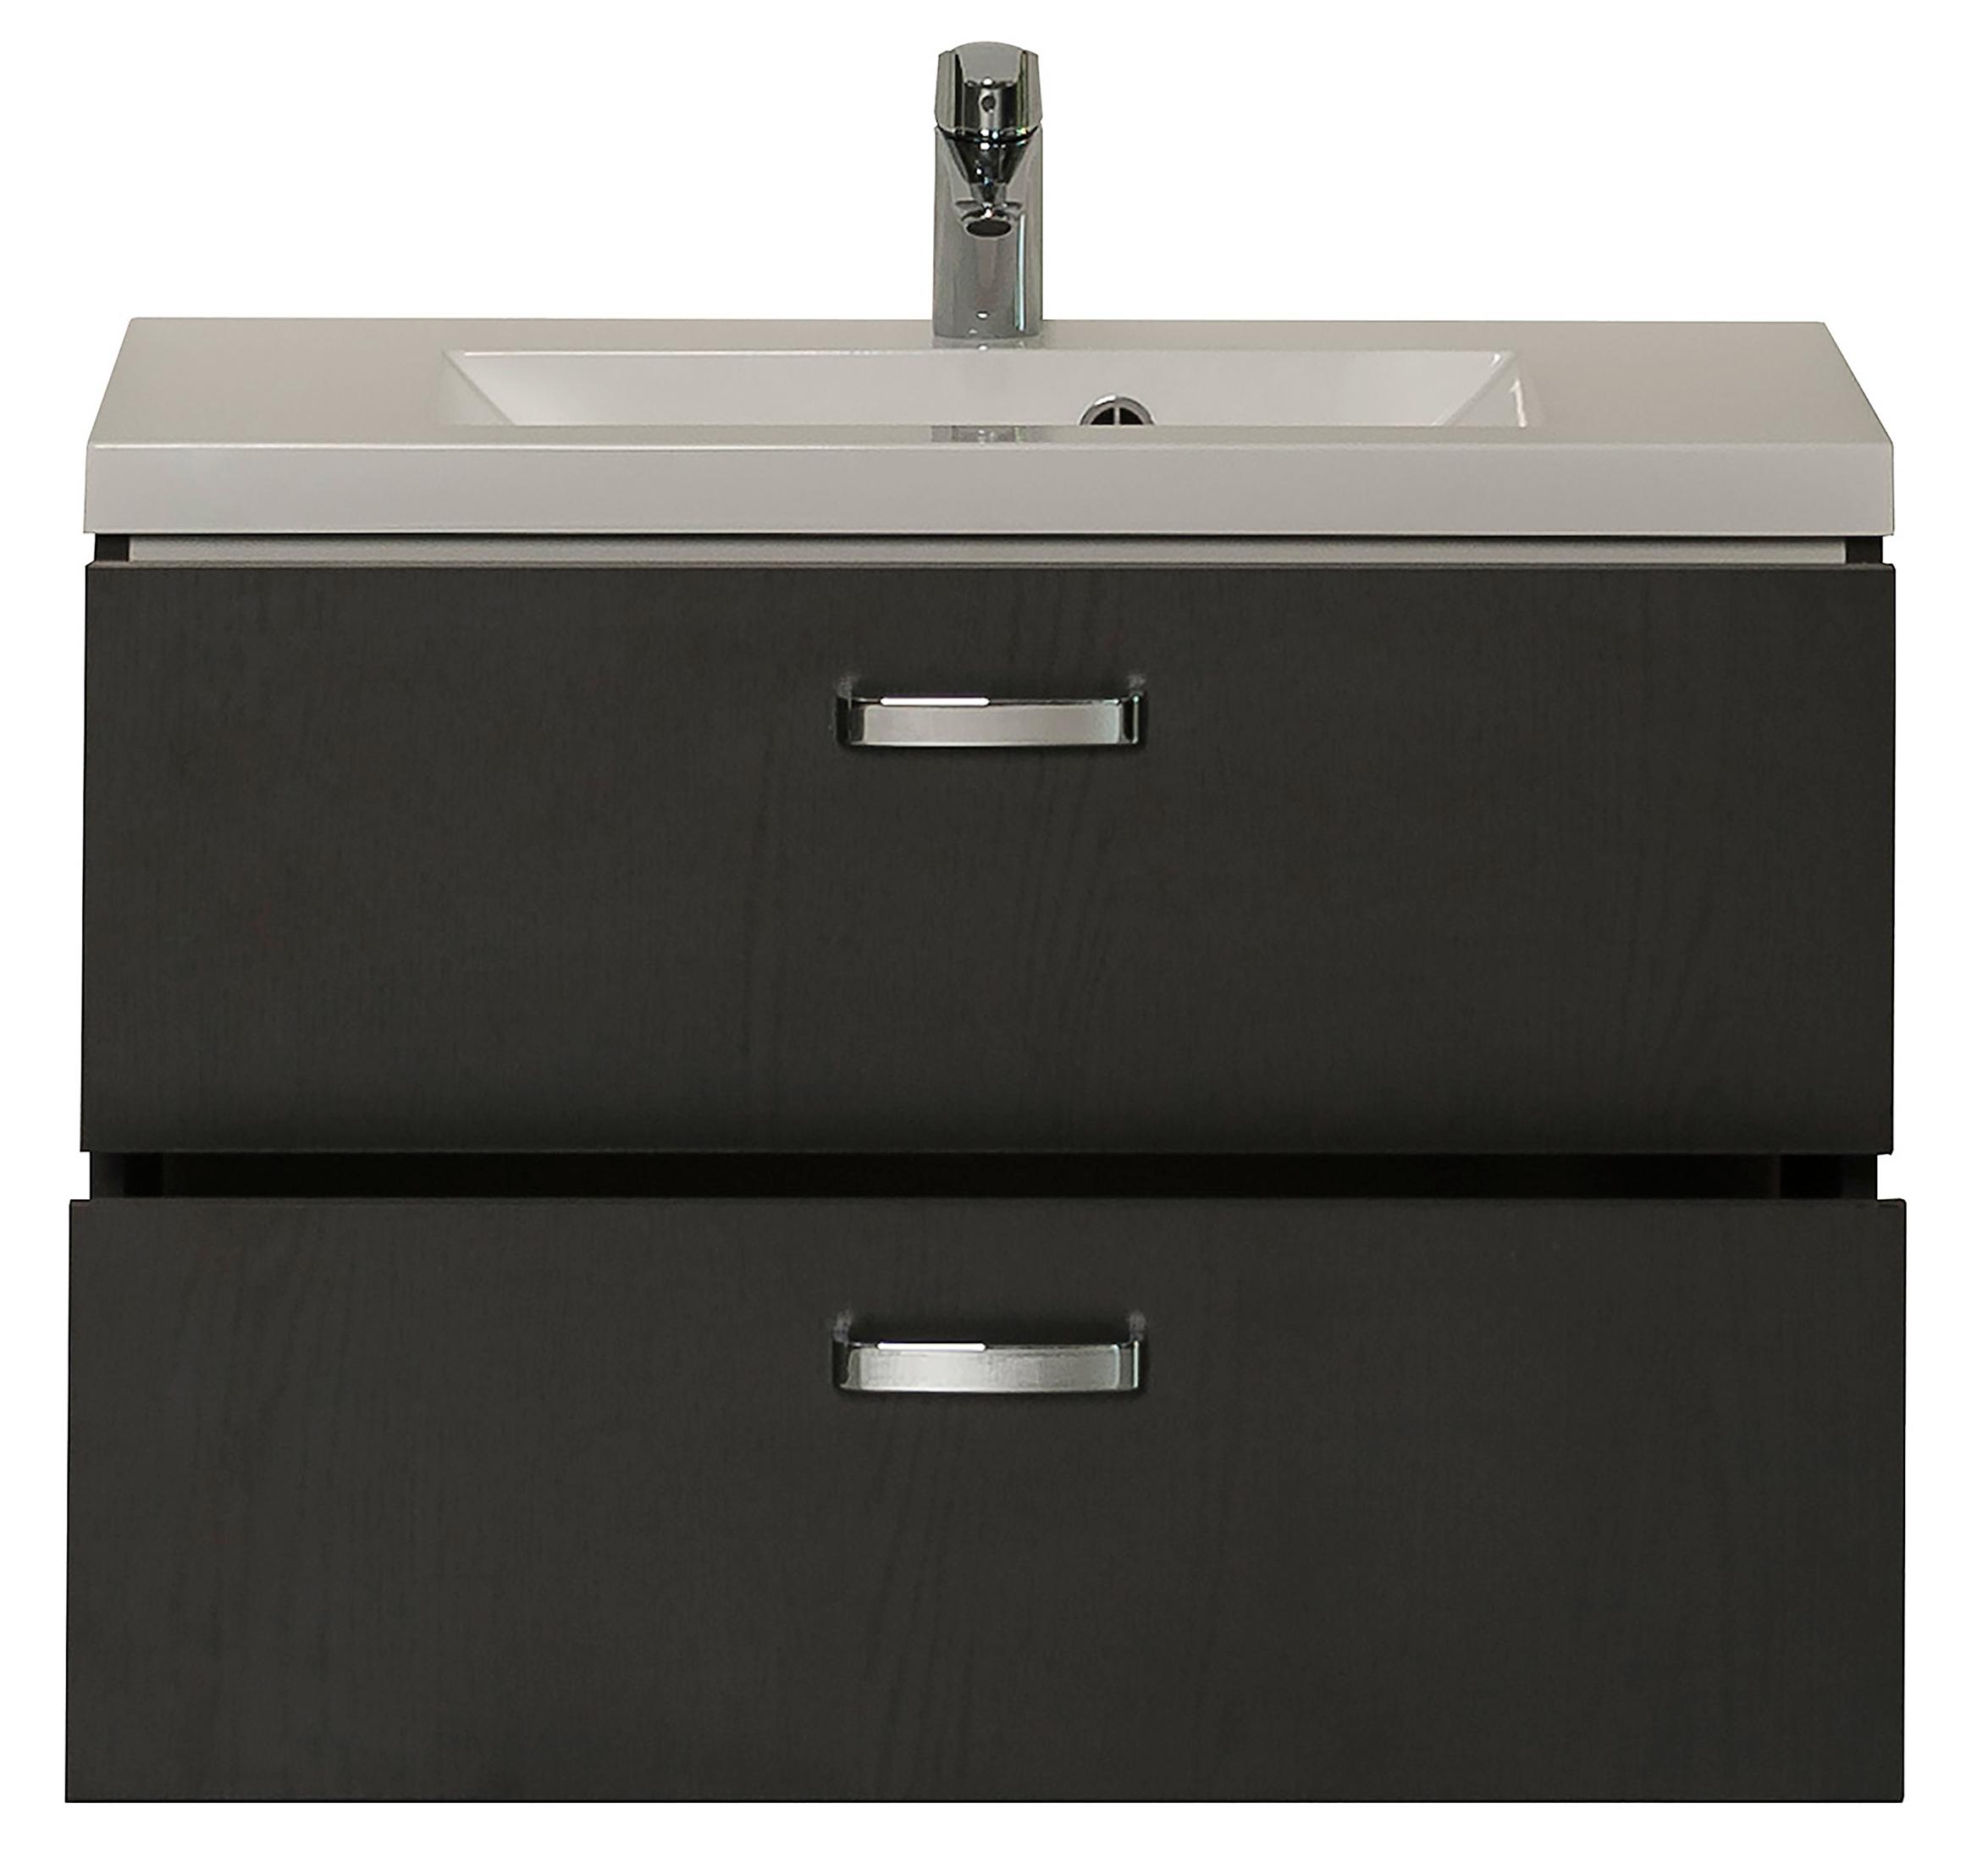 badm bel set montreal mit spiegel 4 teilig 80 cm breit grau bad badm belsets. Black Bedroom Furniture Sets. Home Design Ideas